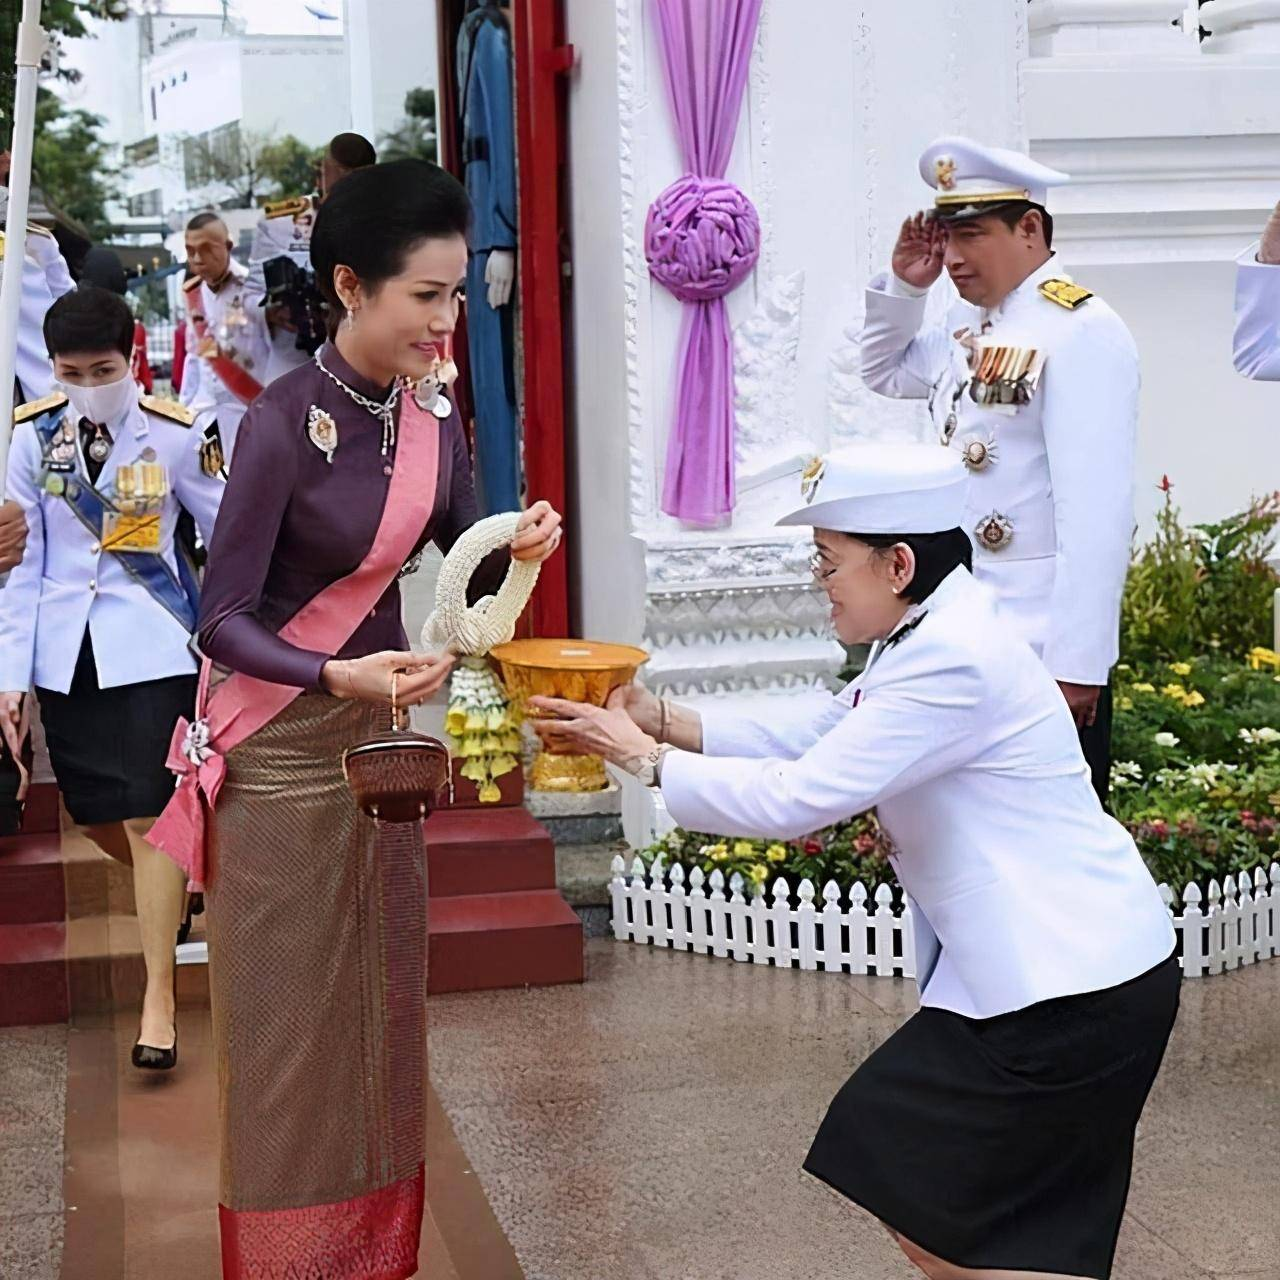 泰国国王把诗妮娜贵妃带回中国!贵妃瘦得跟纸人似的 和素田比起来都不敢高调